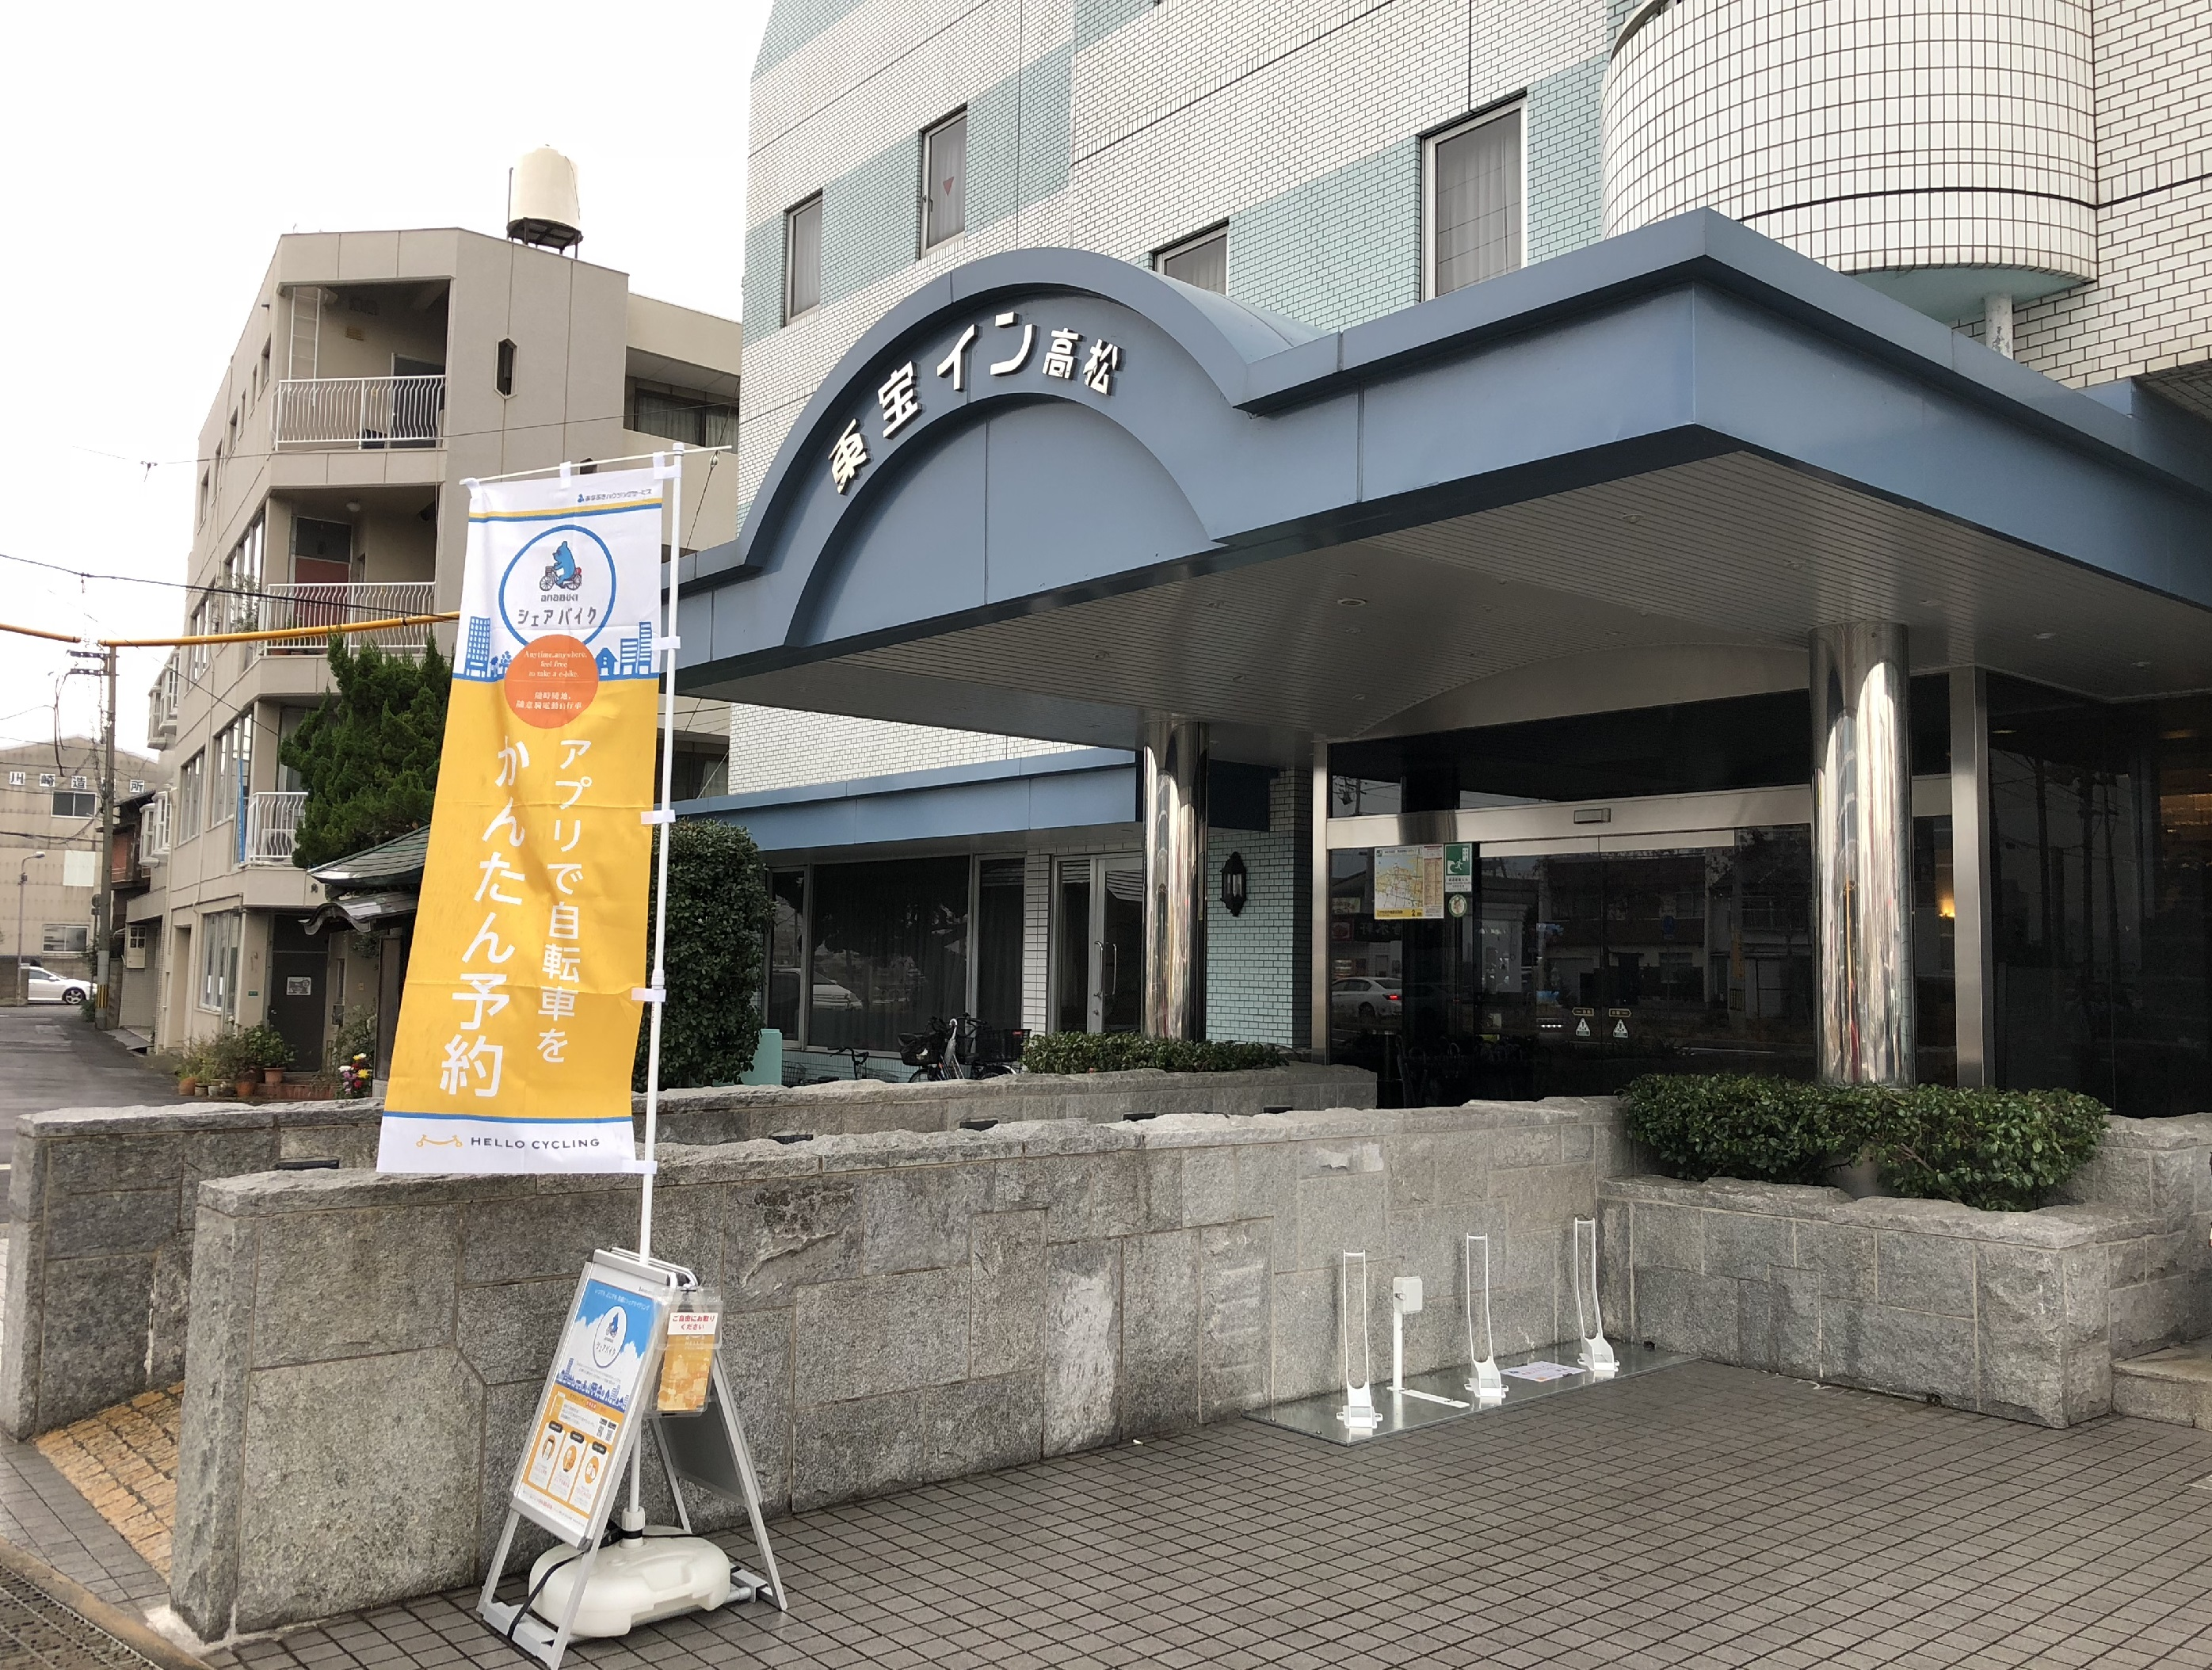 ビジネスホテル東宝イン高松 (HELLO CYCLING ポート) image